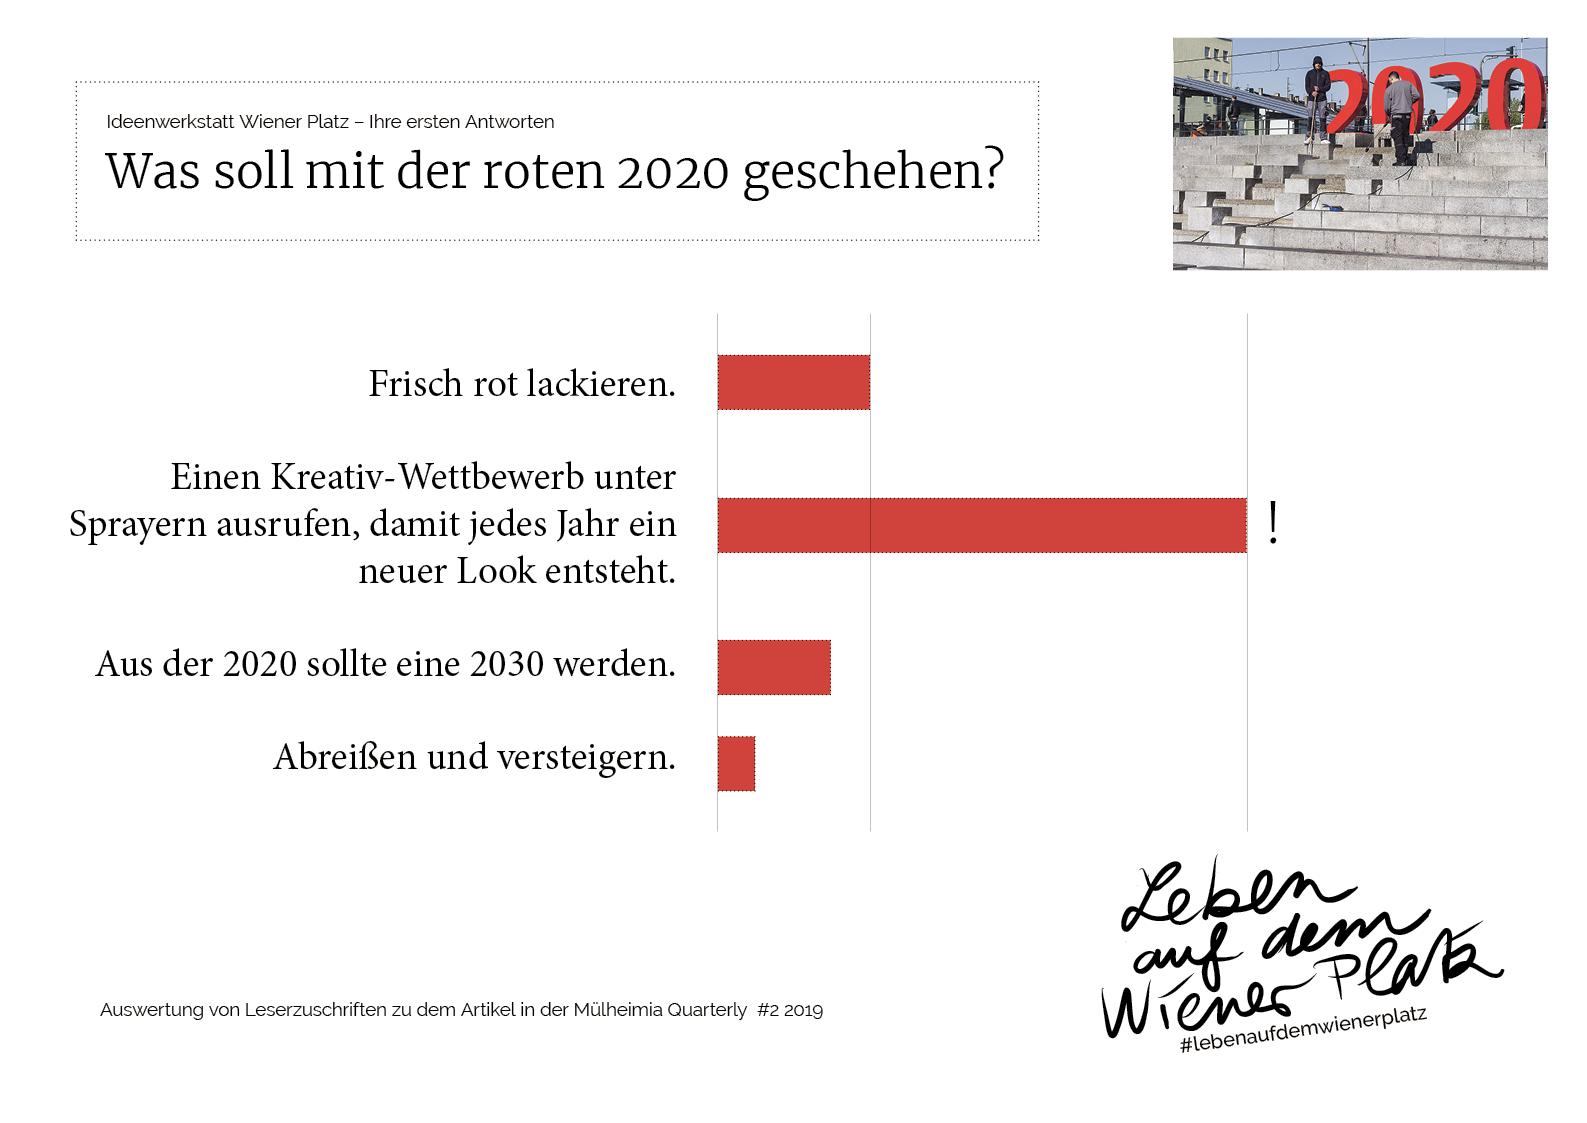 Auswertung von Leserzuschriften zu dem Artikel in der Mülheimia Quarterly #2, 2019